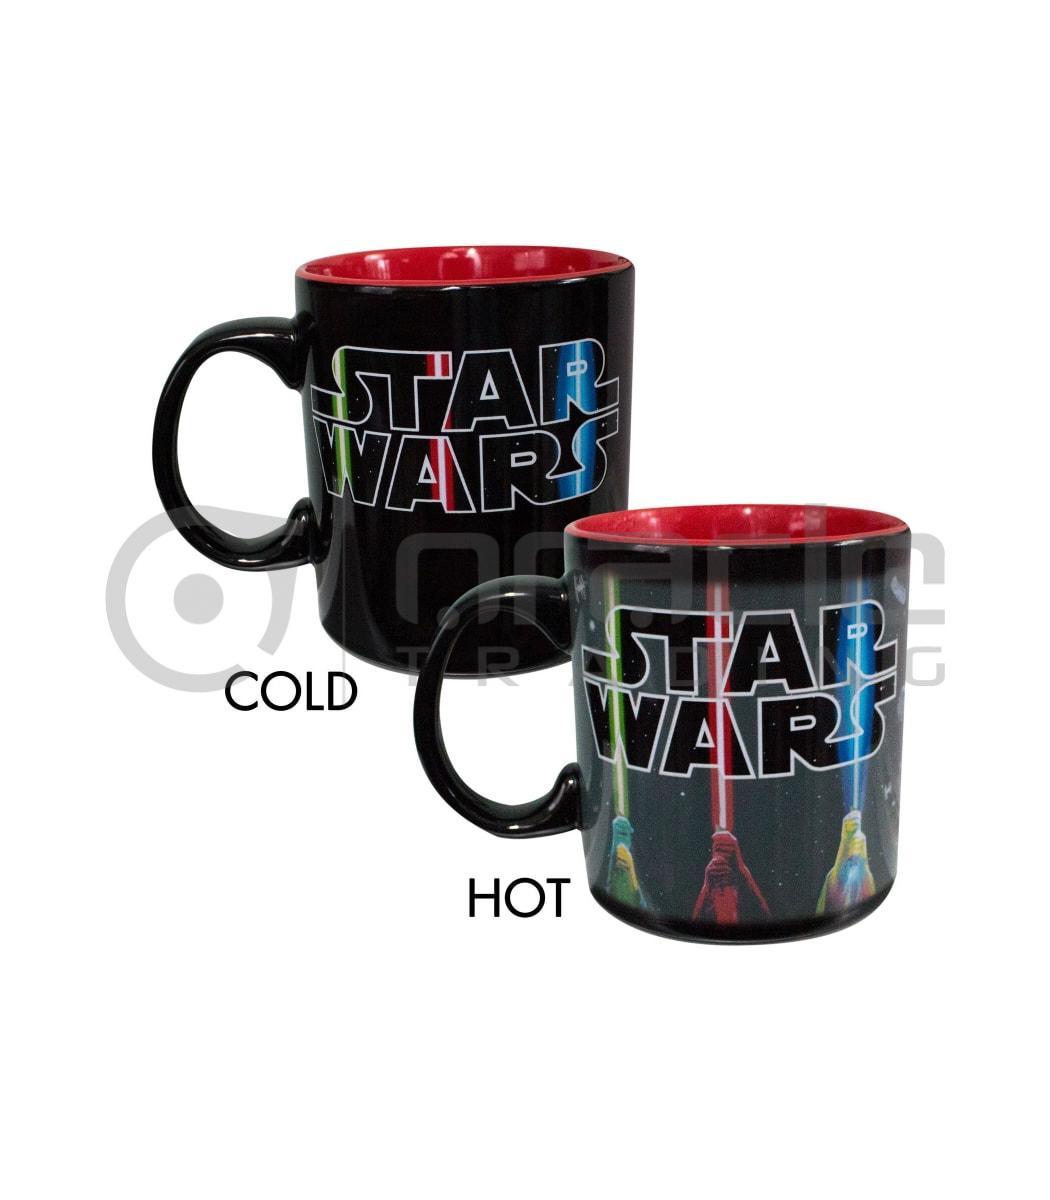 Star Wars Jumbo Heat Reveal Mug - Light Sabers